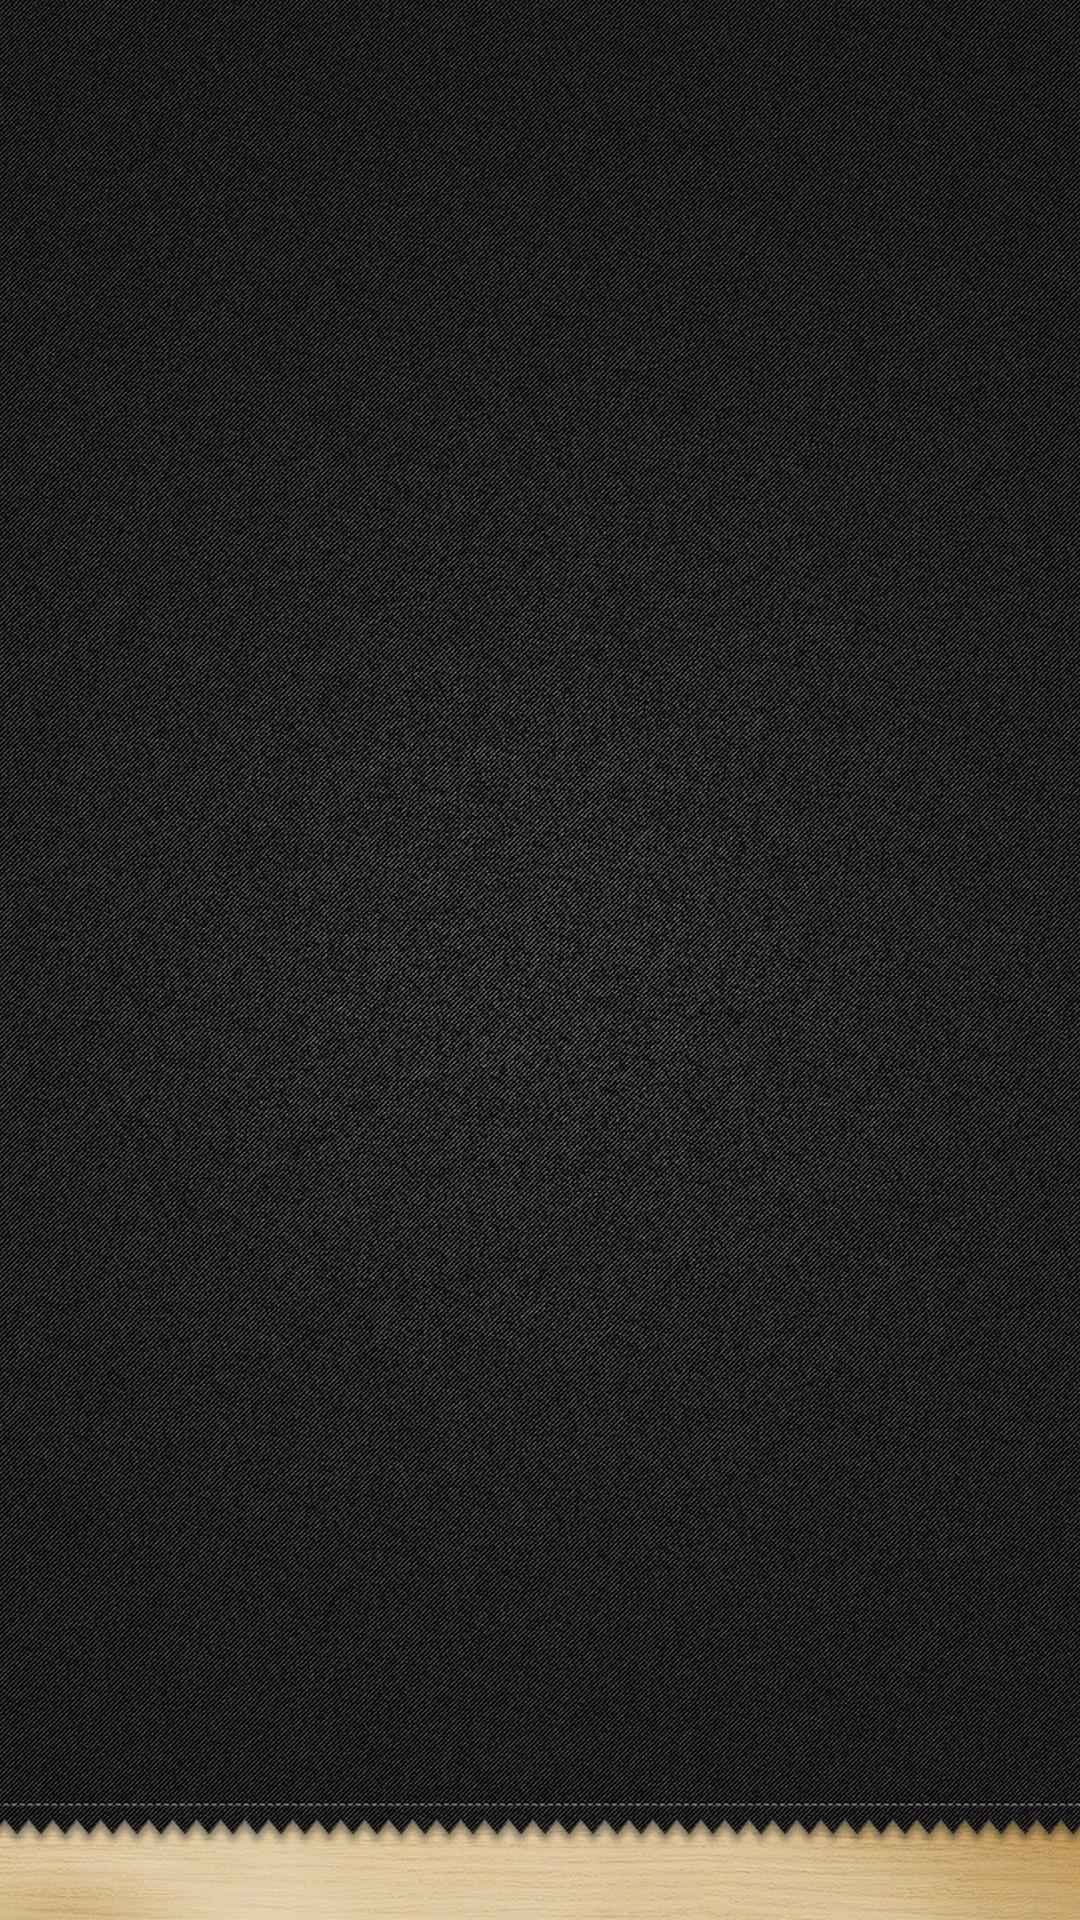 44 Dark Material Wallpaper On Wallpapersafari